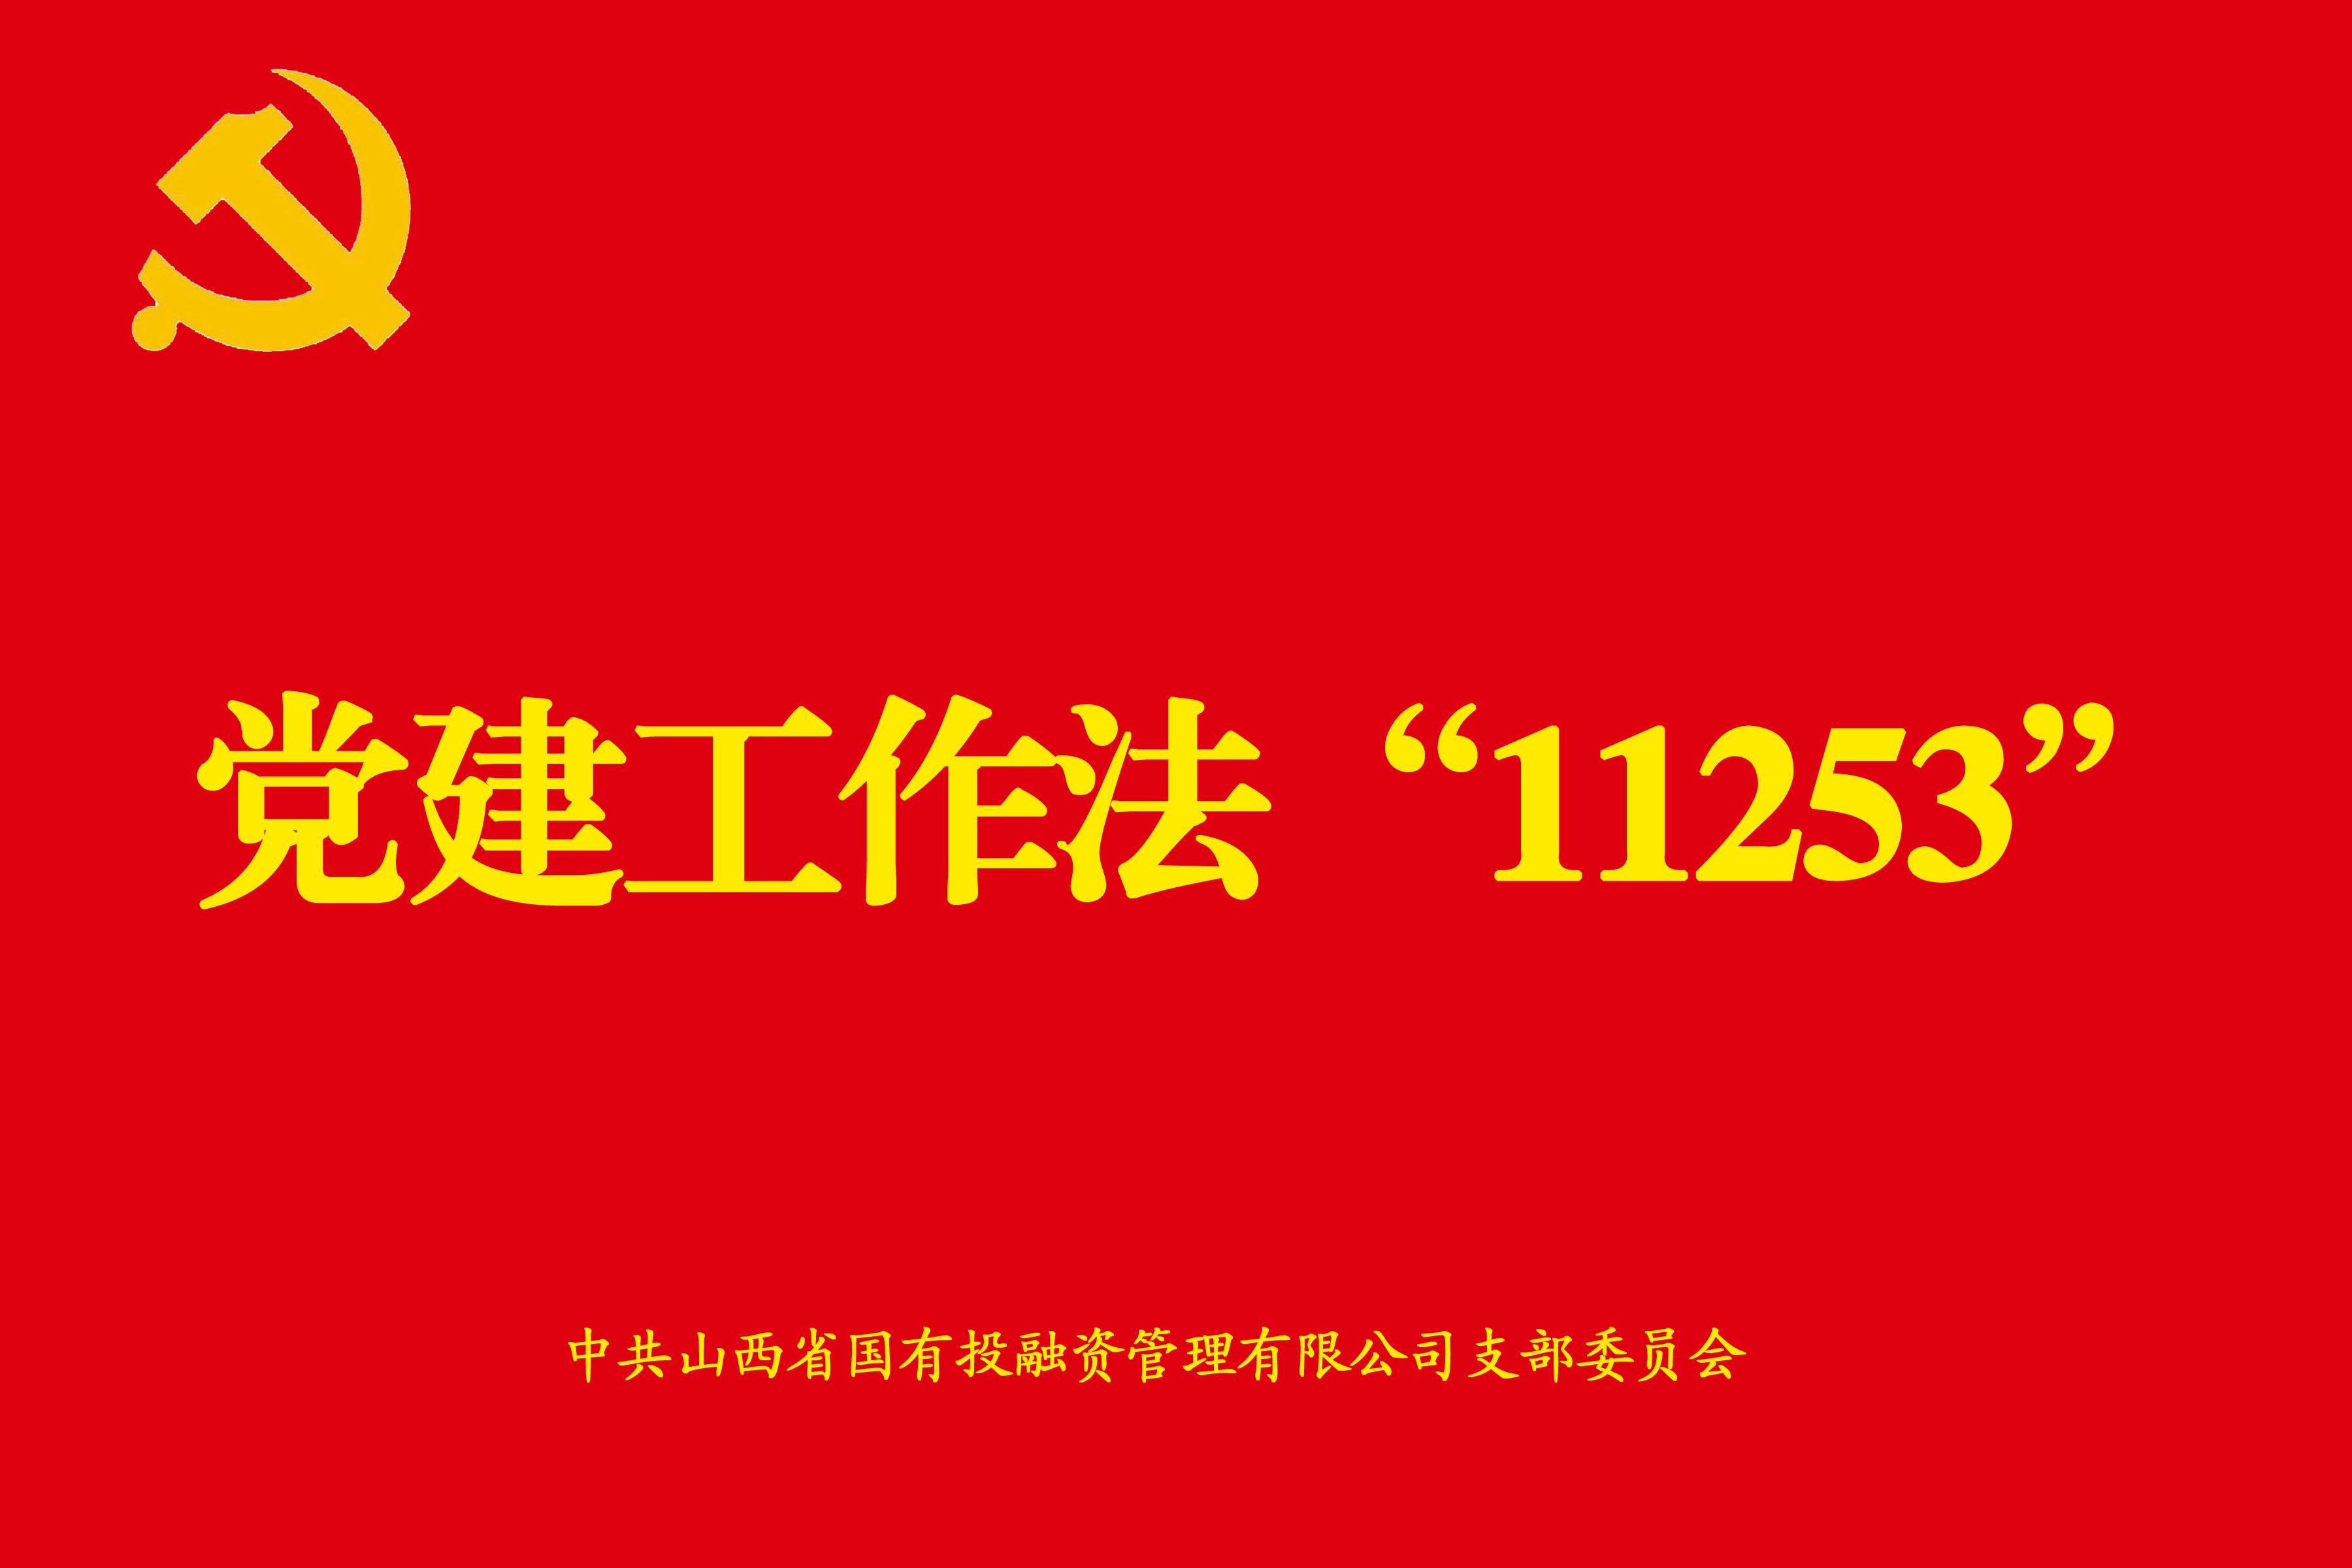 山西省国有投融资管理有限公司创建党建工作法:11253